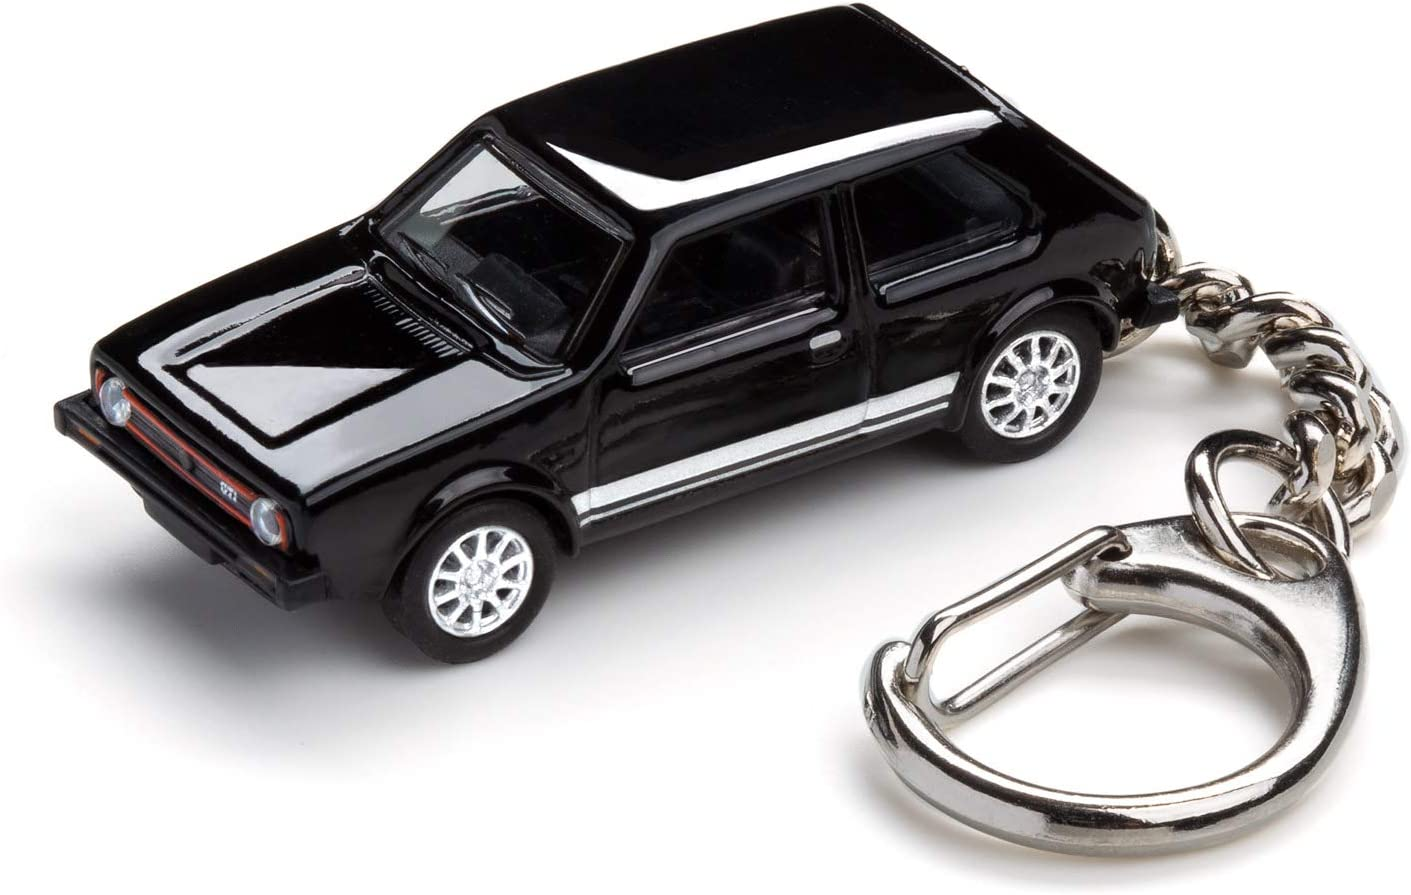 Corpus Delicti Schlüsselanhänger Mit Golf I Gti Schwarz Modellauto Für Alle Auto Und Oldtimerfans 20 9 42 Auto